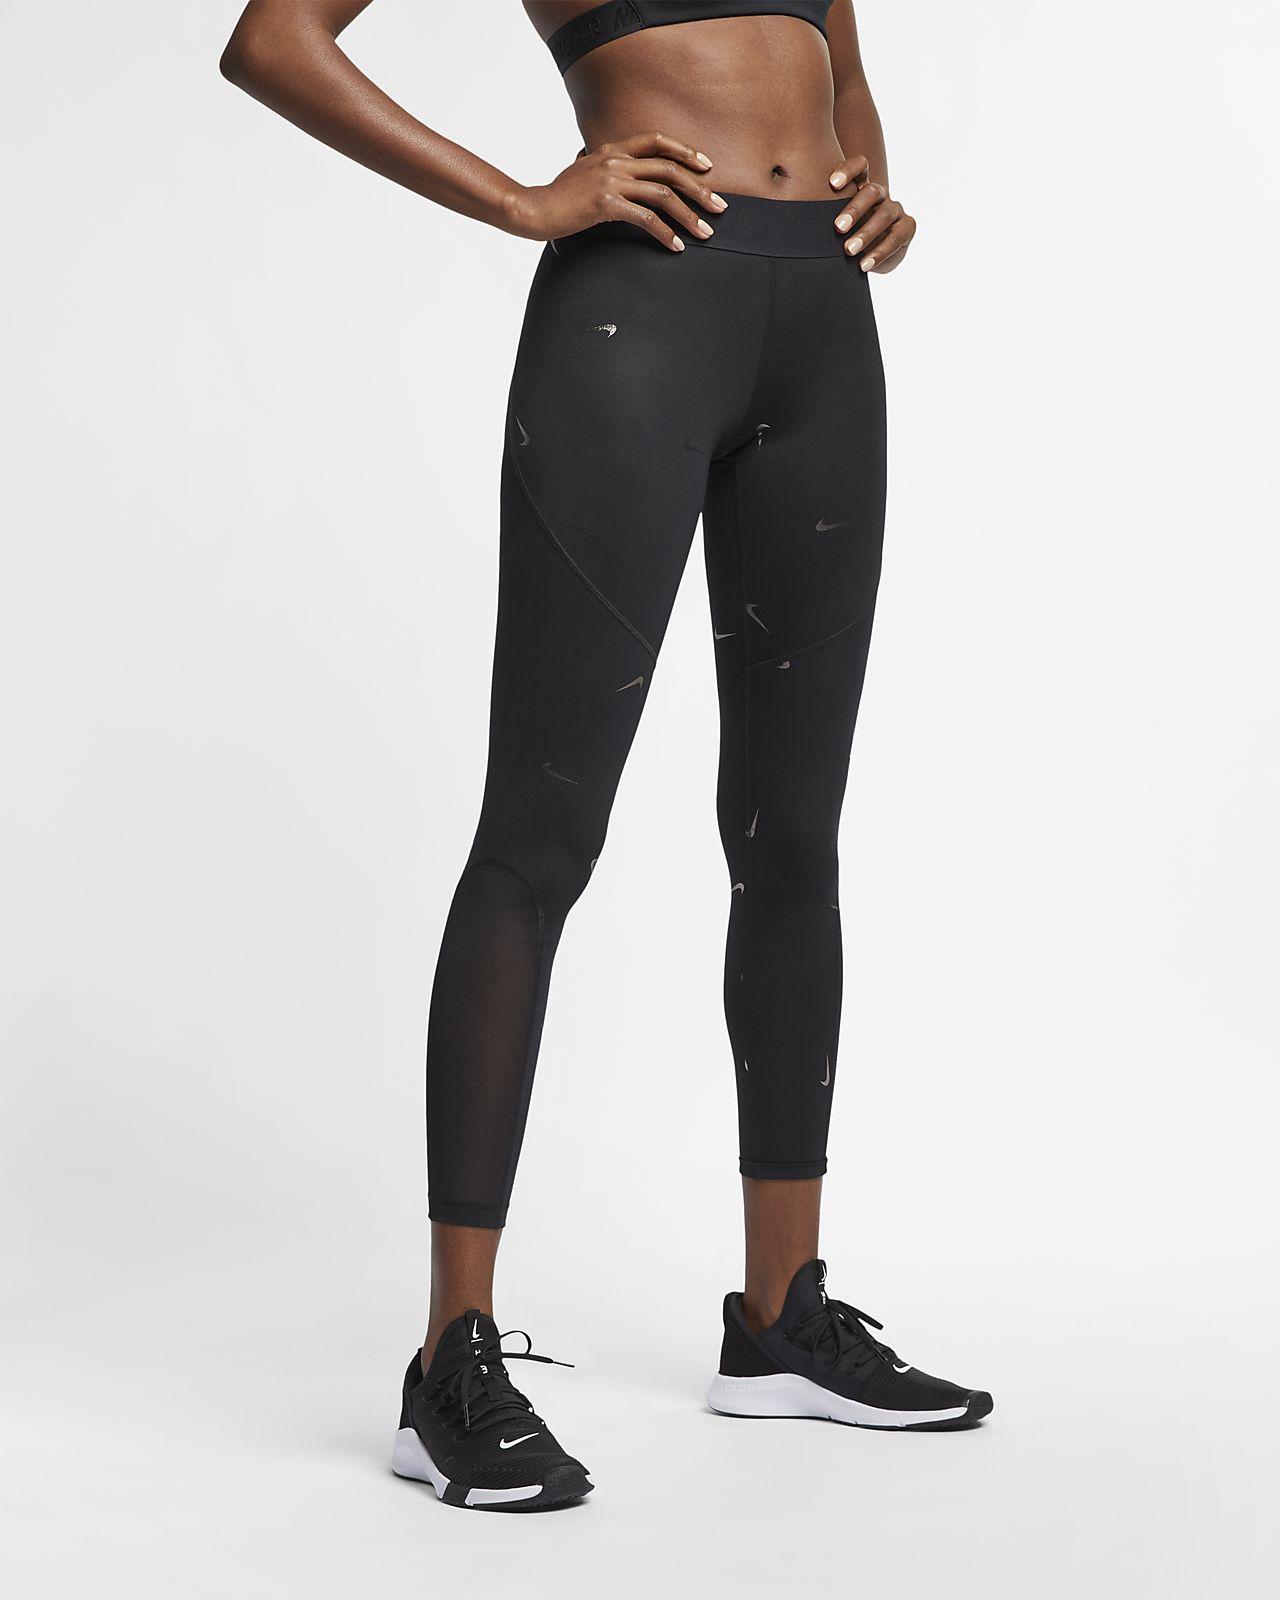 Nike Pro Women's Metallic Printed Tights